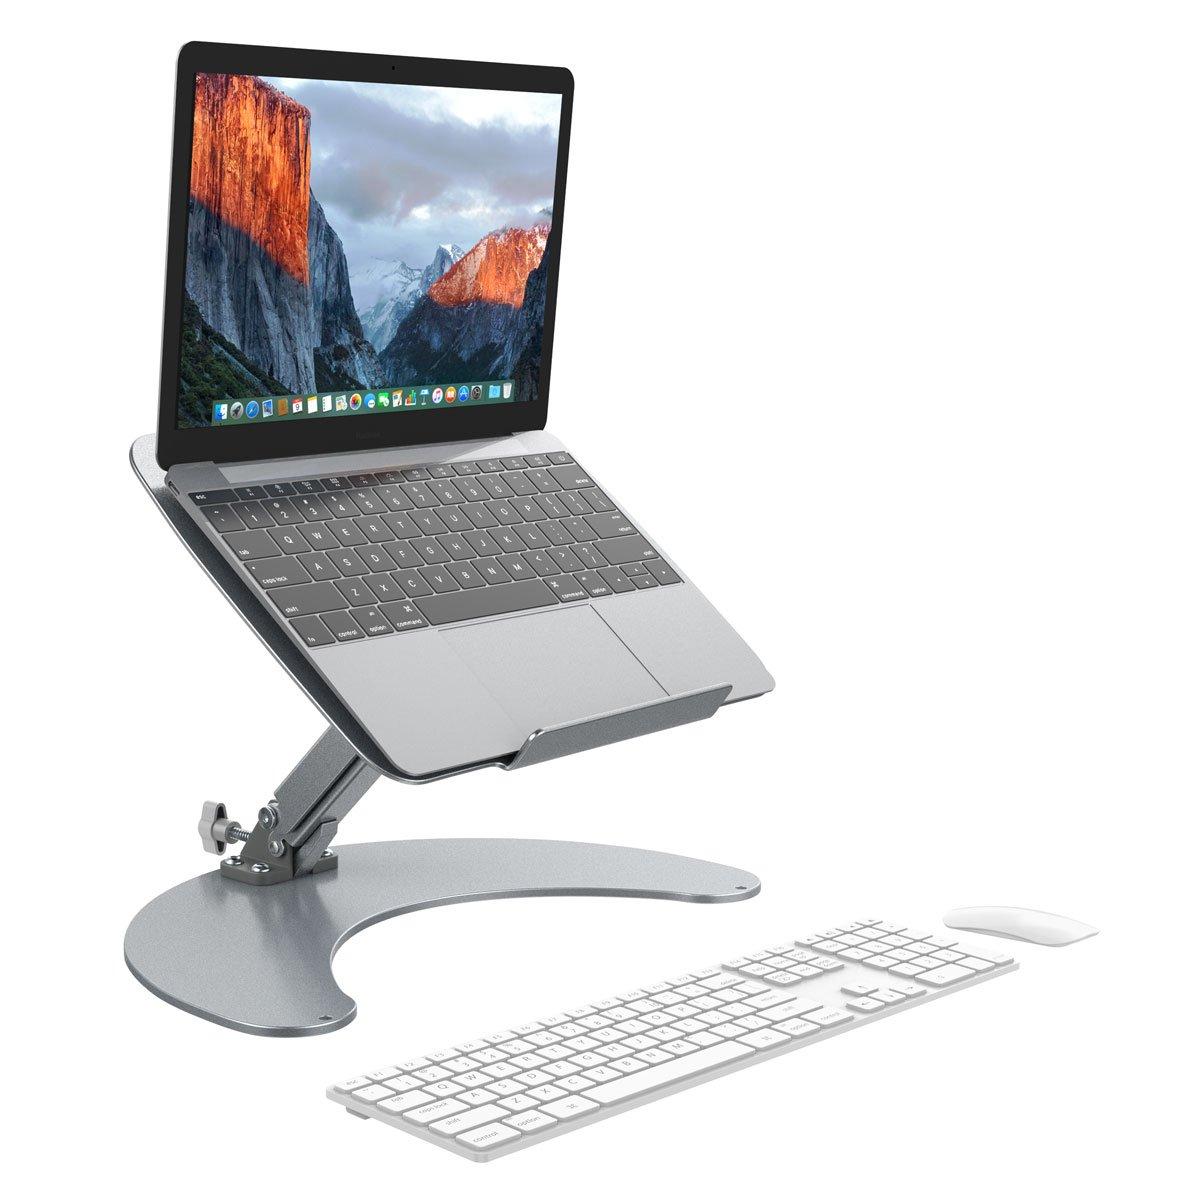 SLYPNOS - Soporte de Portátil Ergonomía Ajustable para Macbook Ordenador Portátil, Laptop, Tableta,